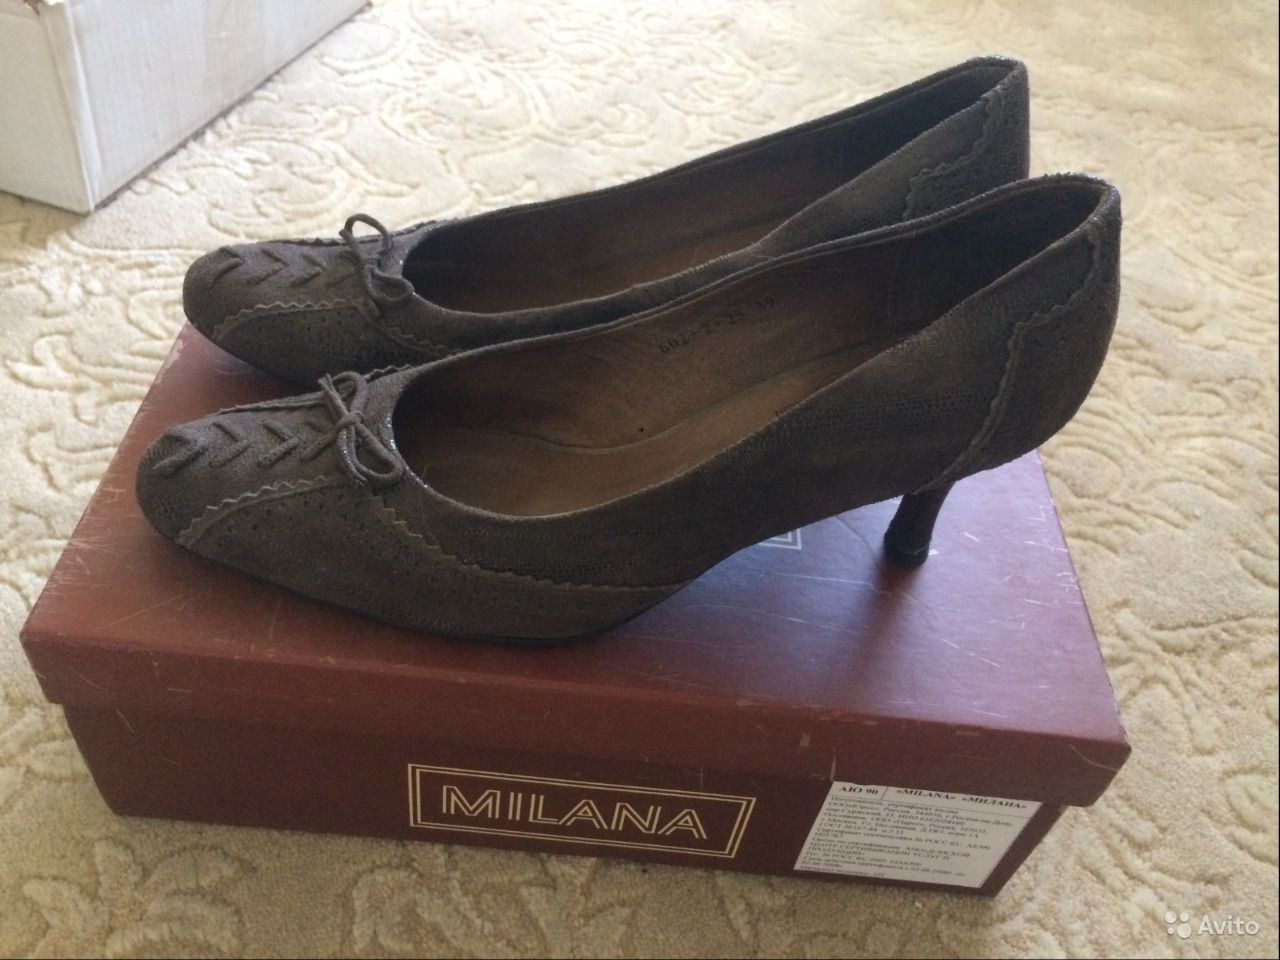 8ec74542010d Туфли новые размер 39 кожаные   Festima.Ru - Мониторинг объявлений